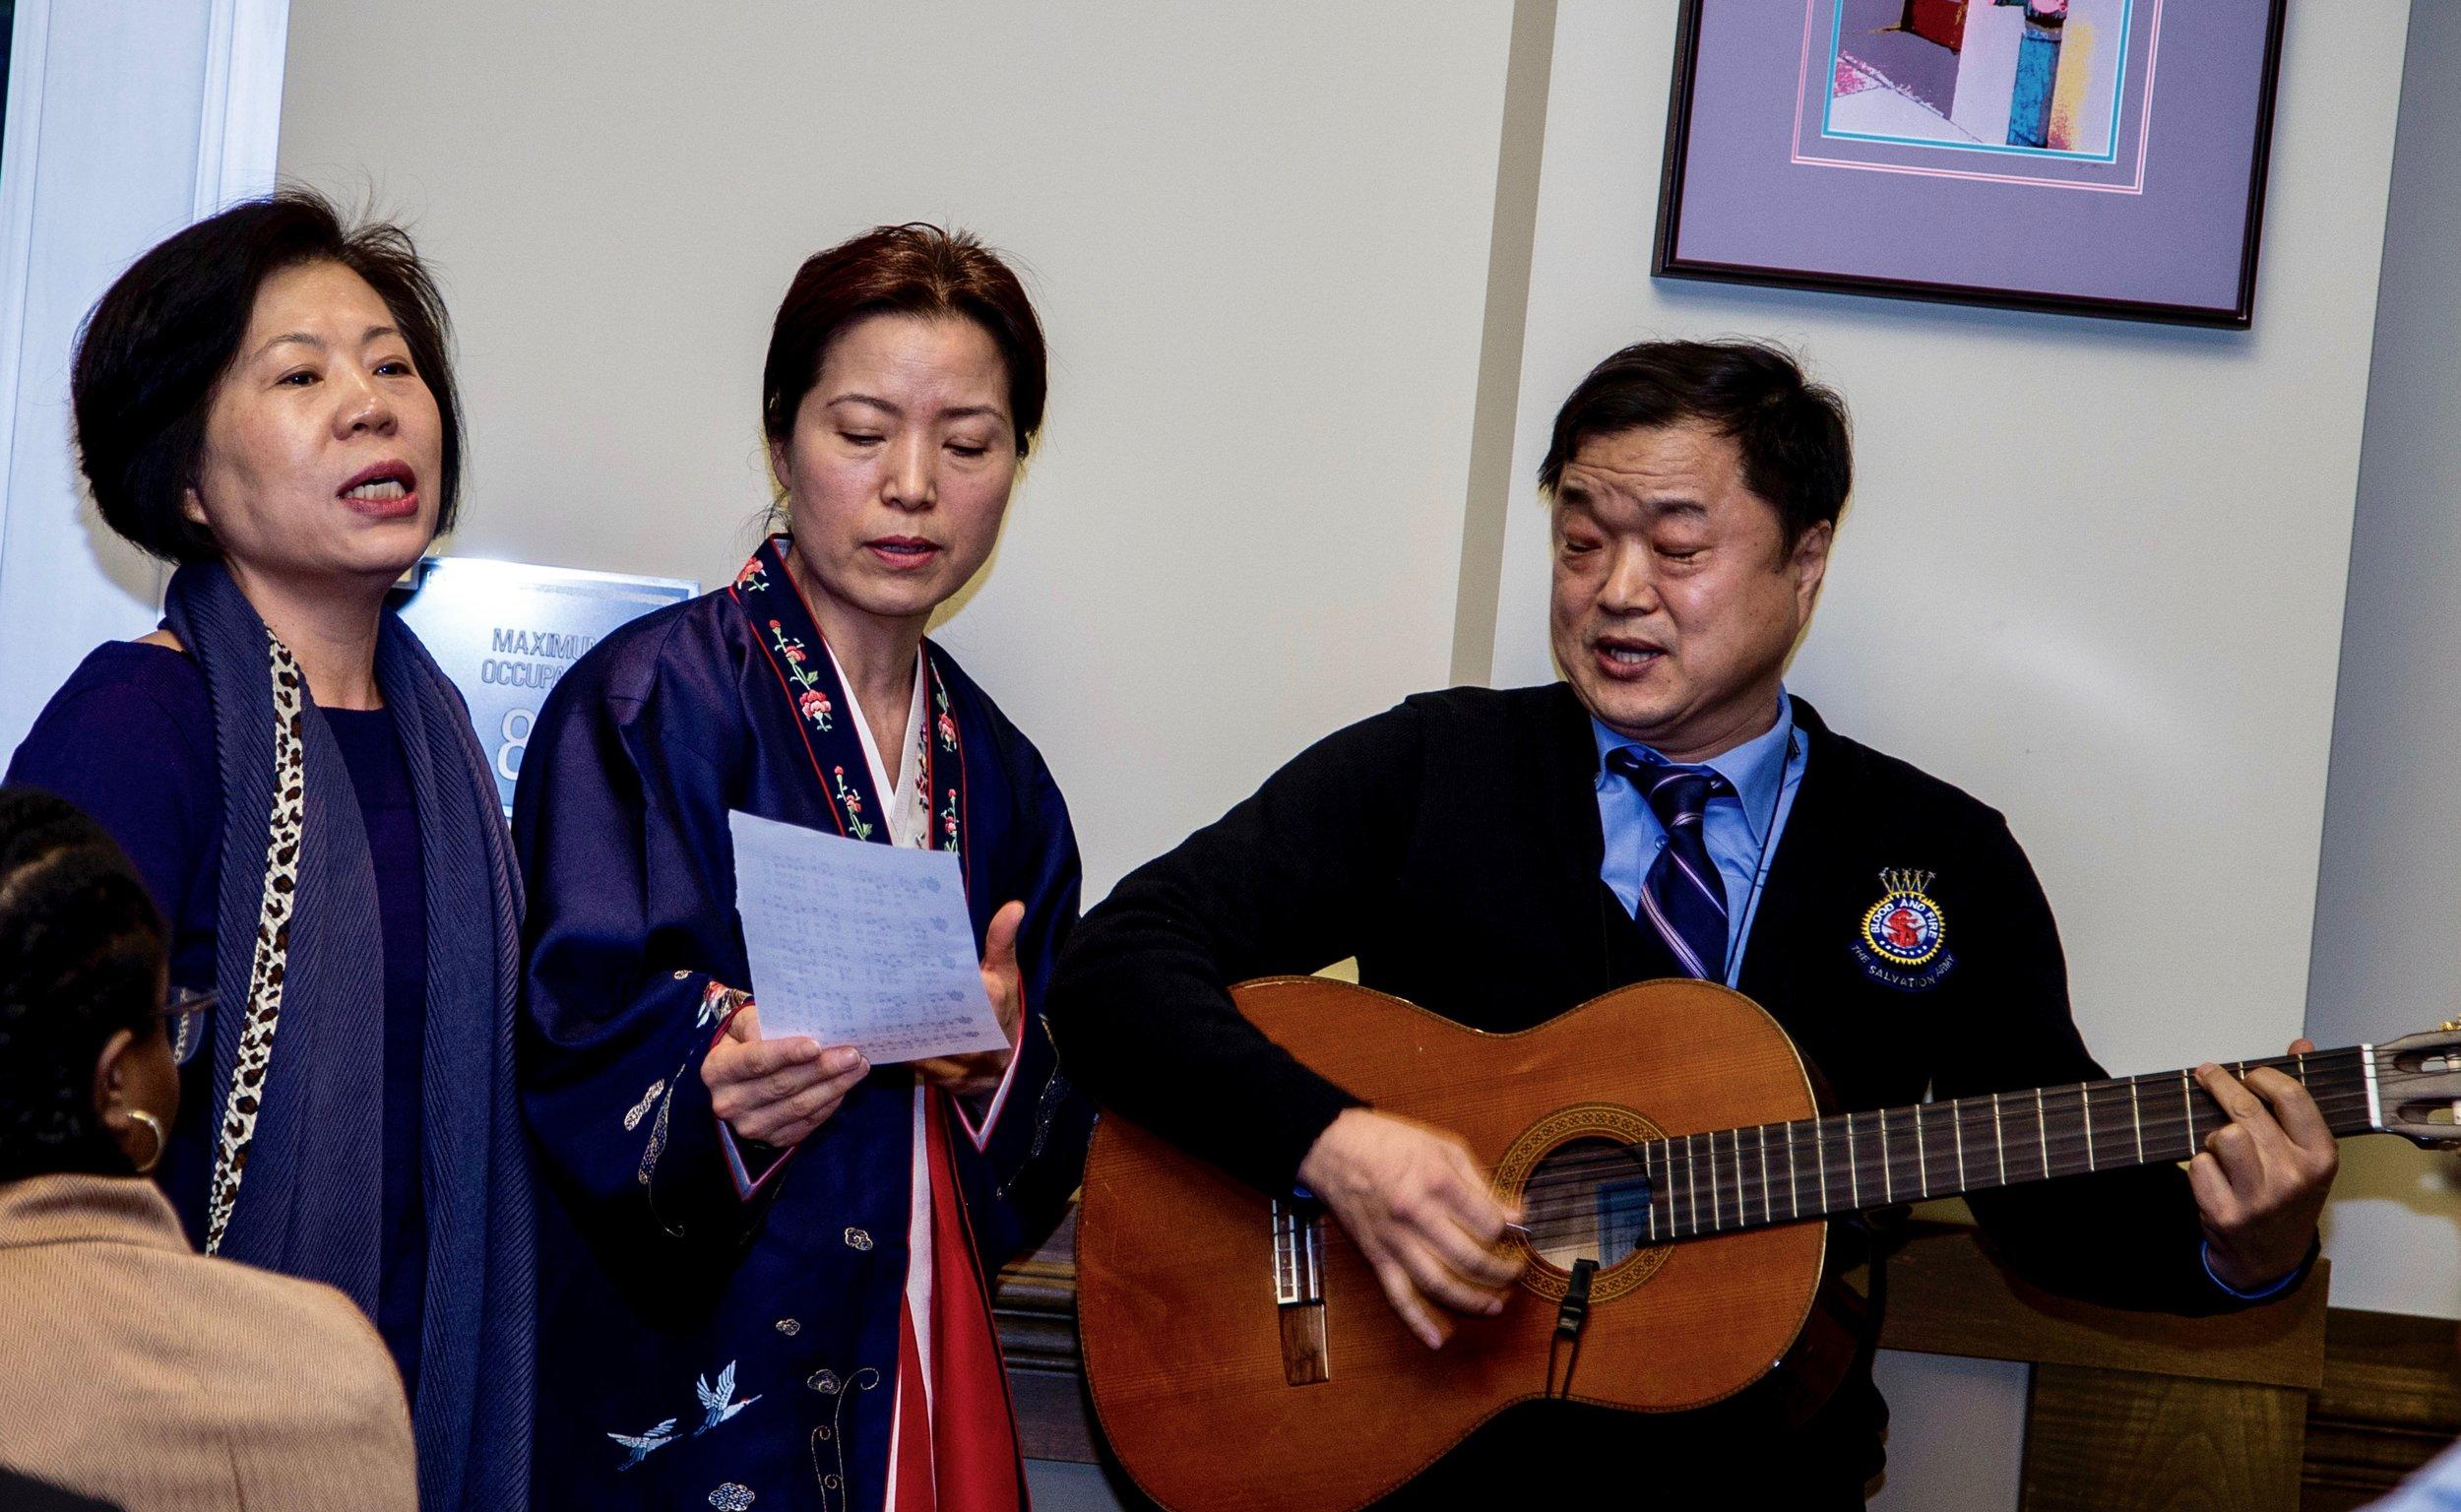 이상목 목사와 에리에있는 한국 장로 교회 회원들의 음악 공연.